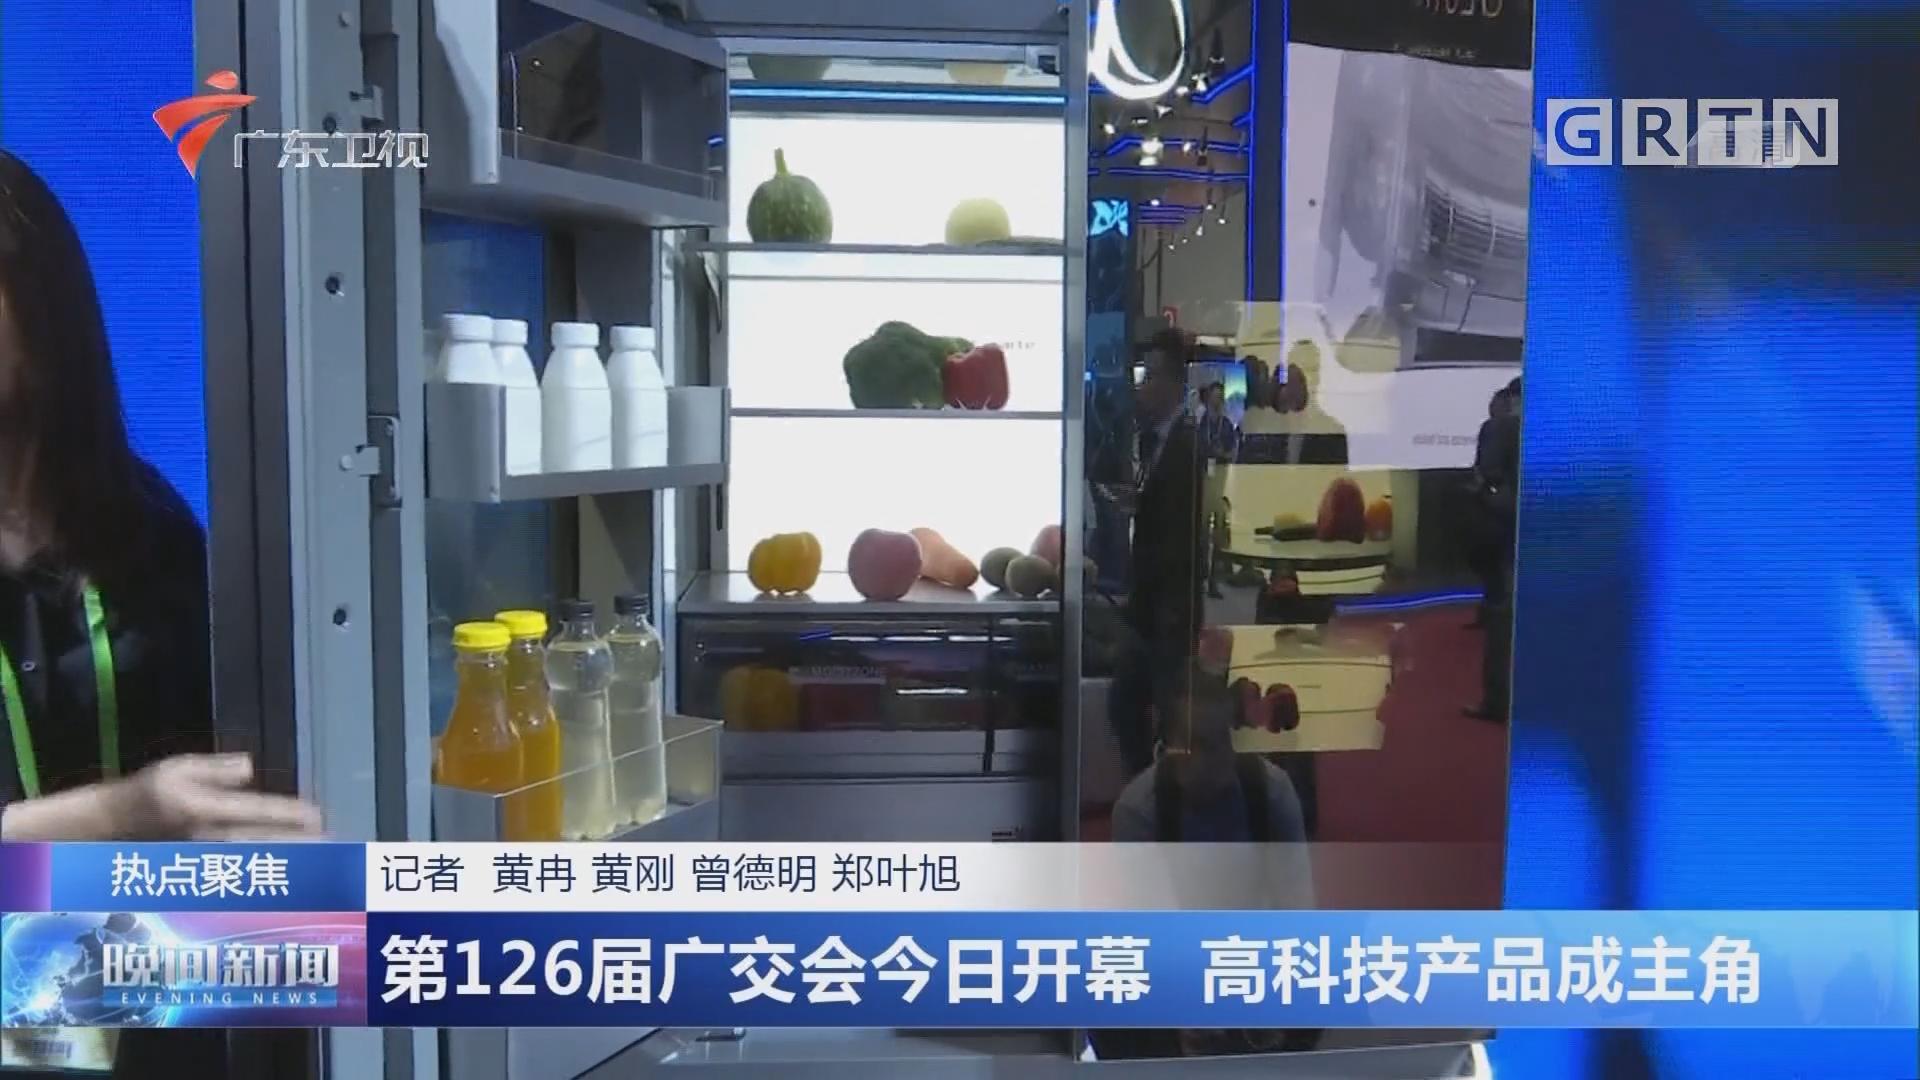 第126届广交会今日开幕 高科技产品成主角